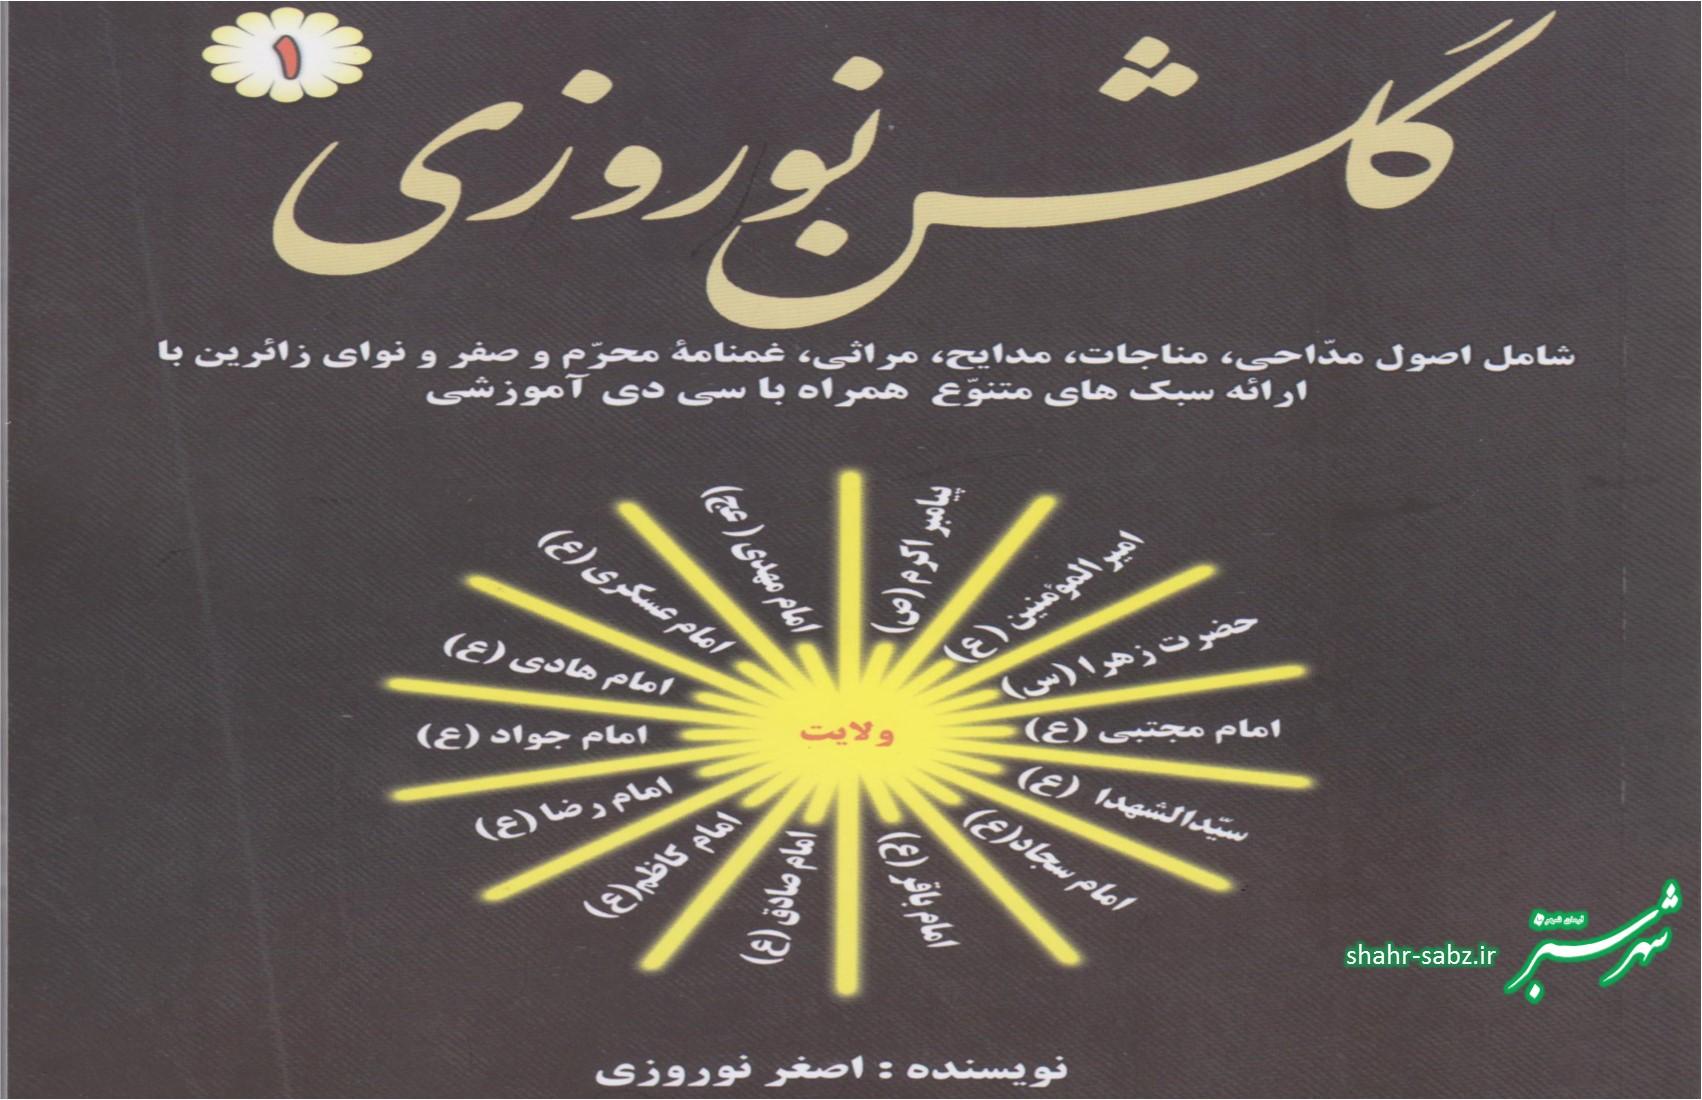 اصغر نوروزی / گلشن نوروزی